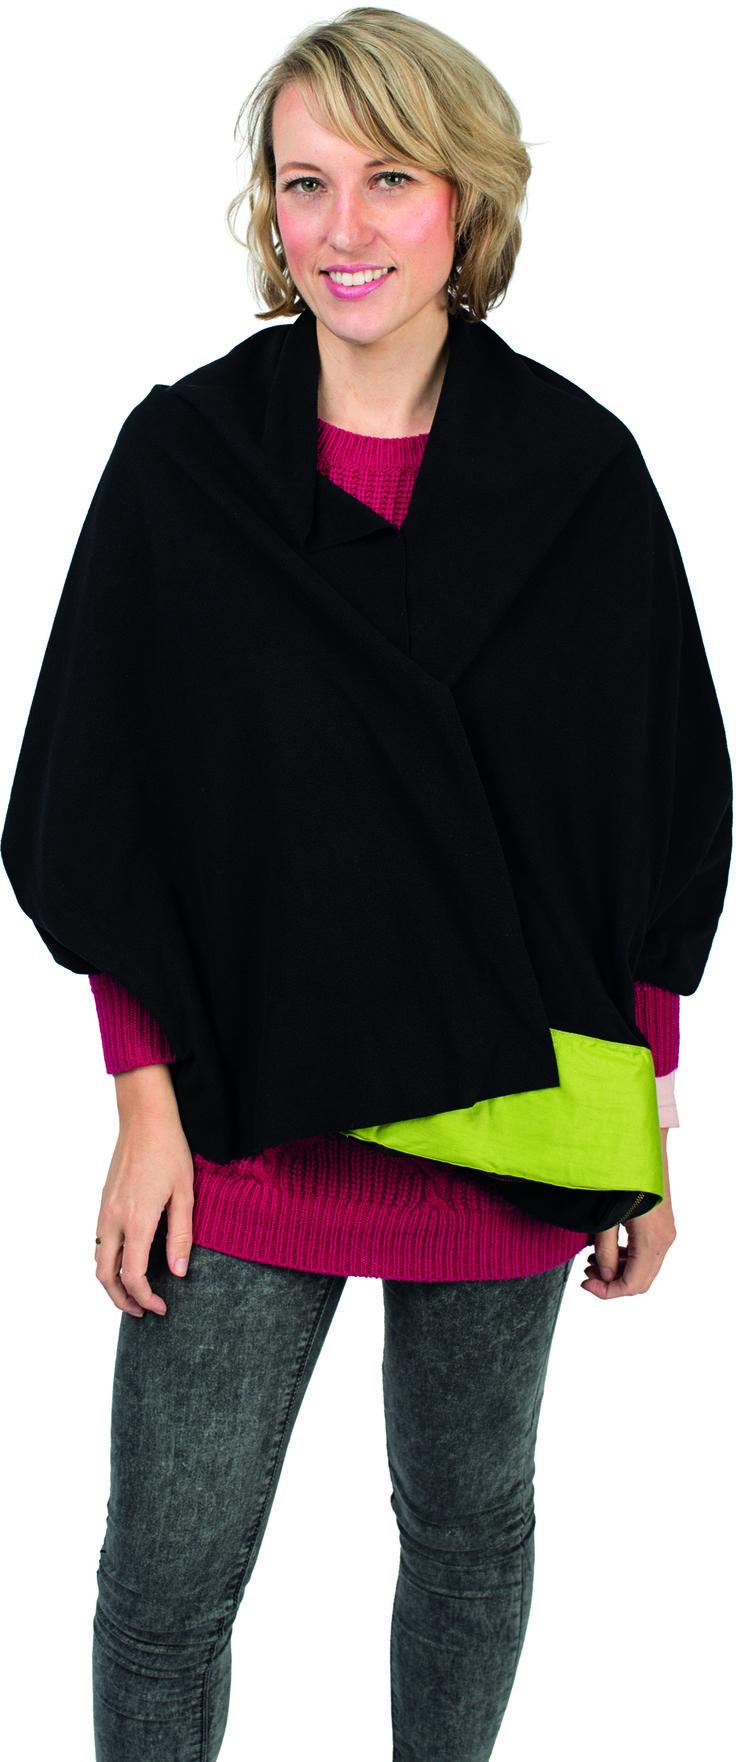 - 3-in-1 nekkussen in 190T polyester - ook perfect te gebruiken als fleece dekentje of sjaal - formaat: 58 x 11 x 5 cm  - Nekkussens bedrukken uitsluitend mogelijk in 1 kleur vanaf 20 stuks